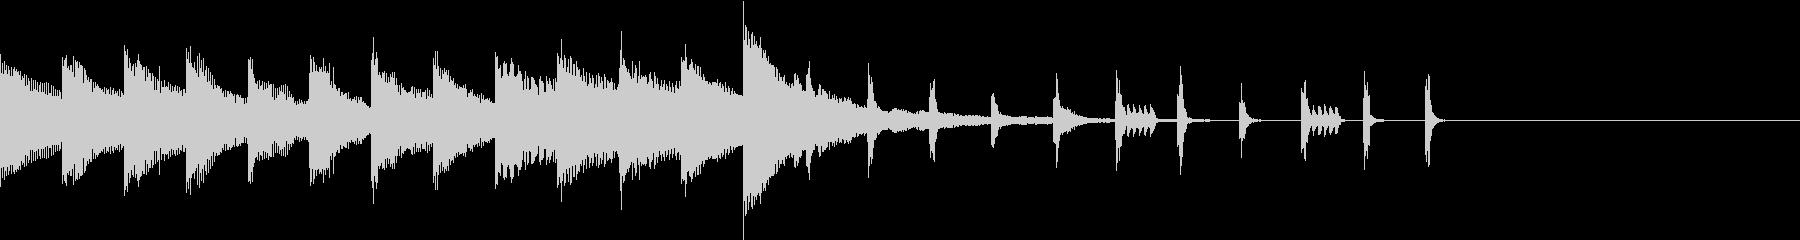 東南アジア ビブラフォン ハロウィン の未再生の波形